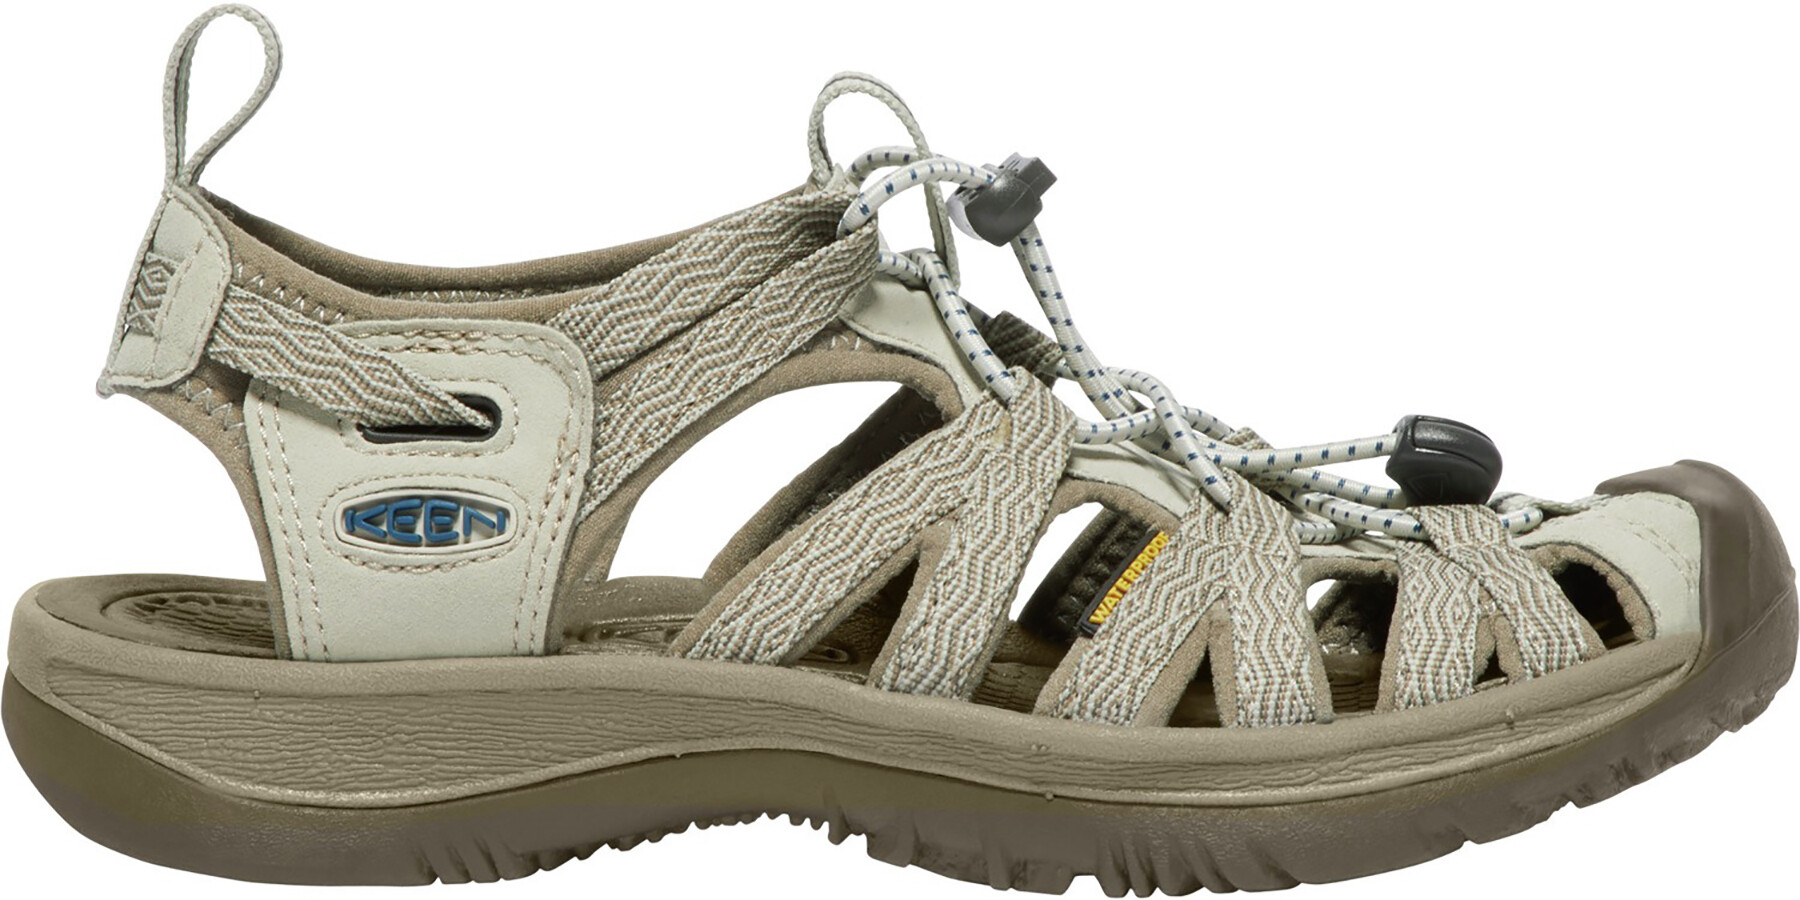 Keen Whisper Sandals Women Agate Grey Blue Opal Campz De